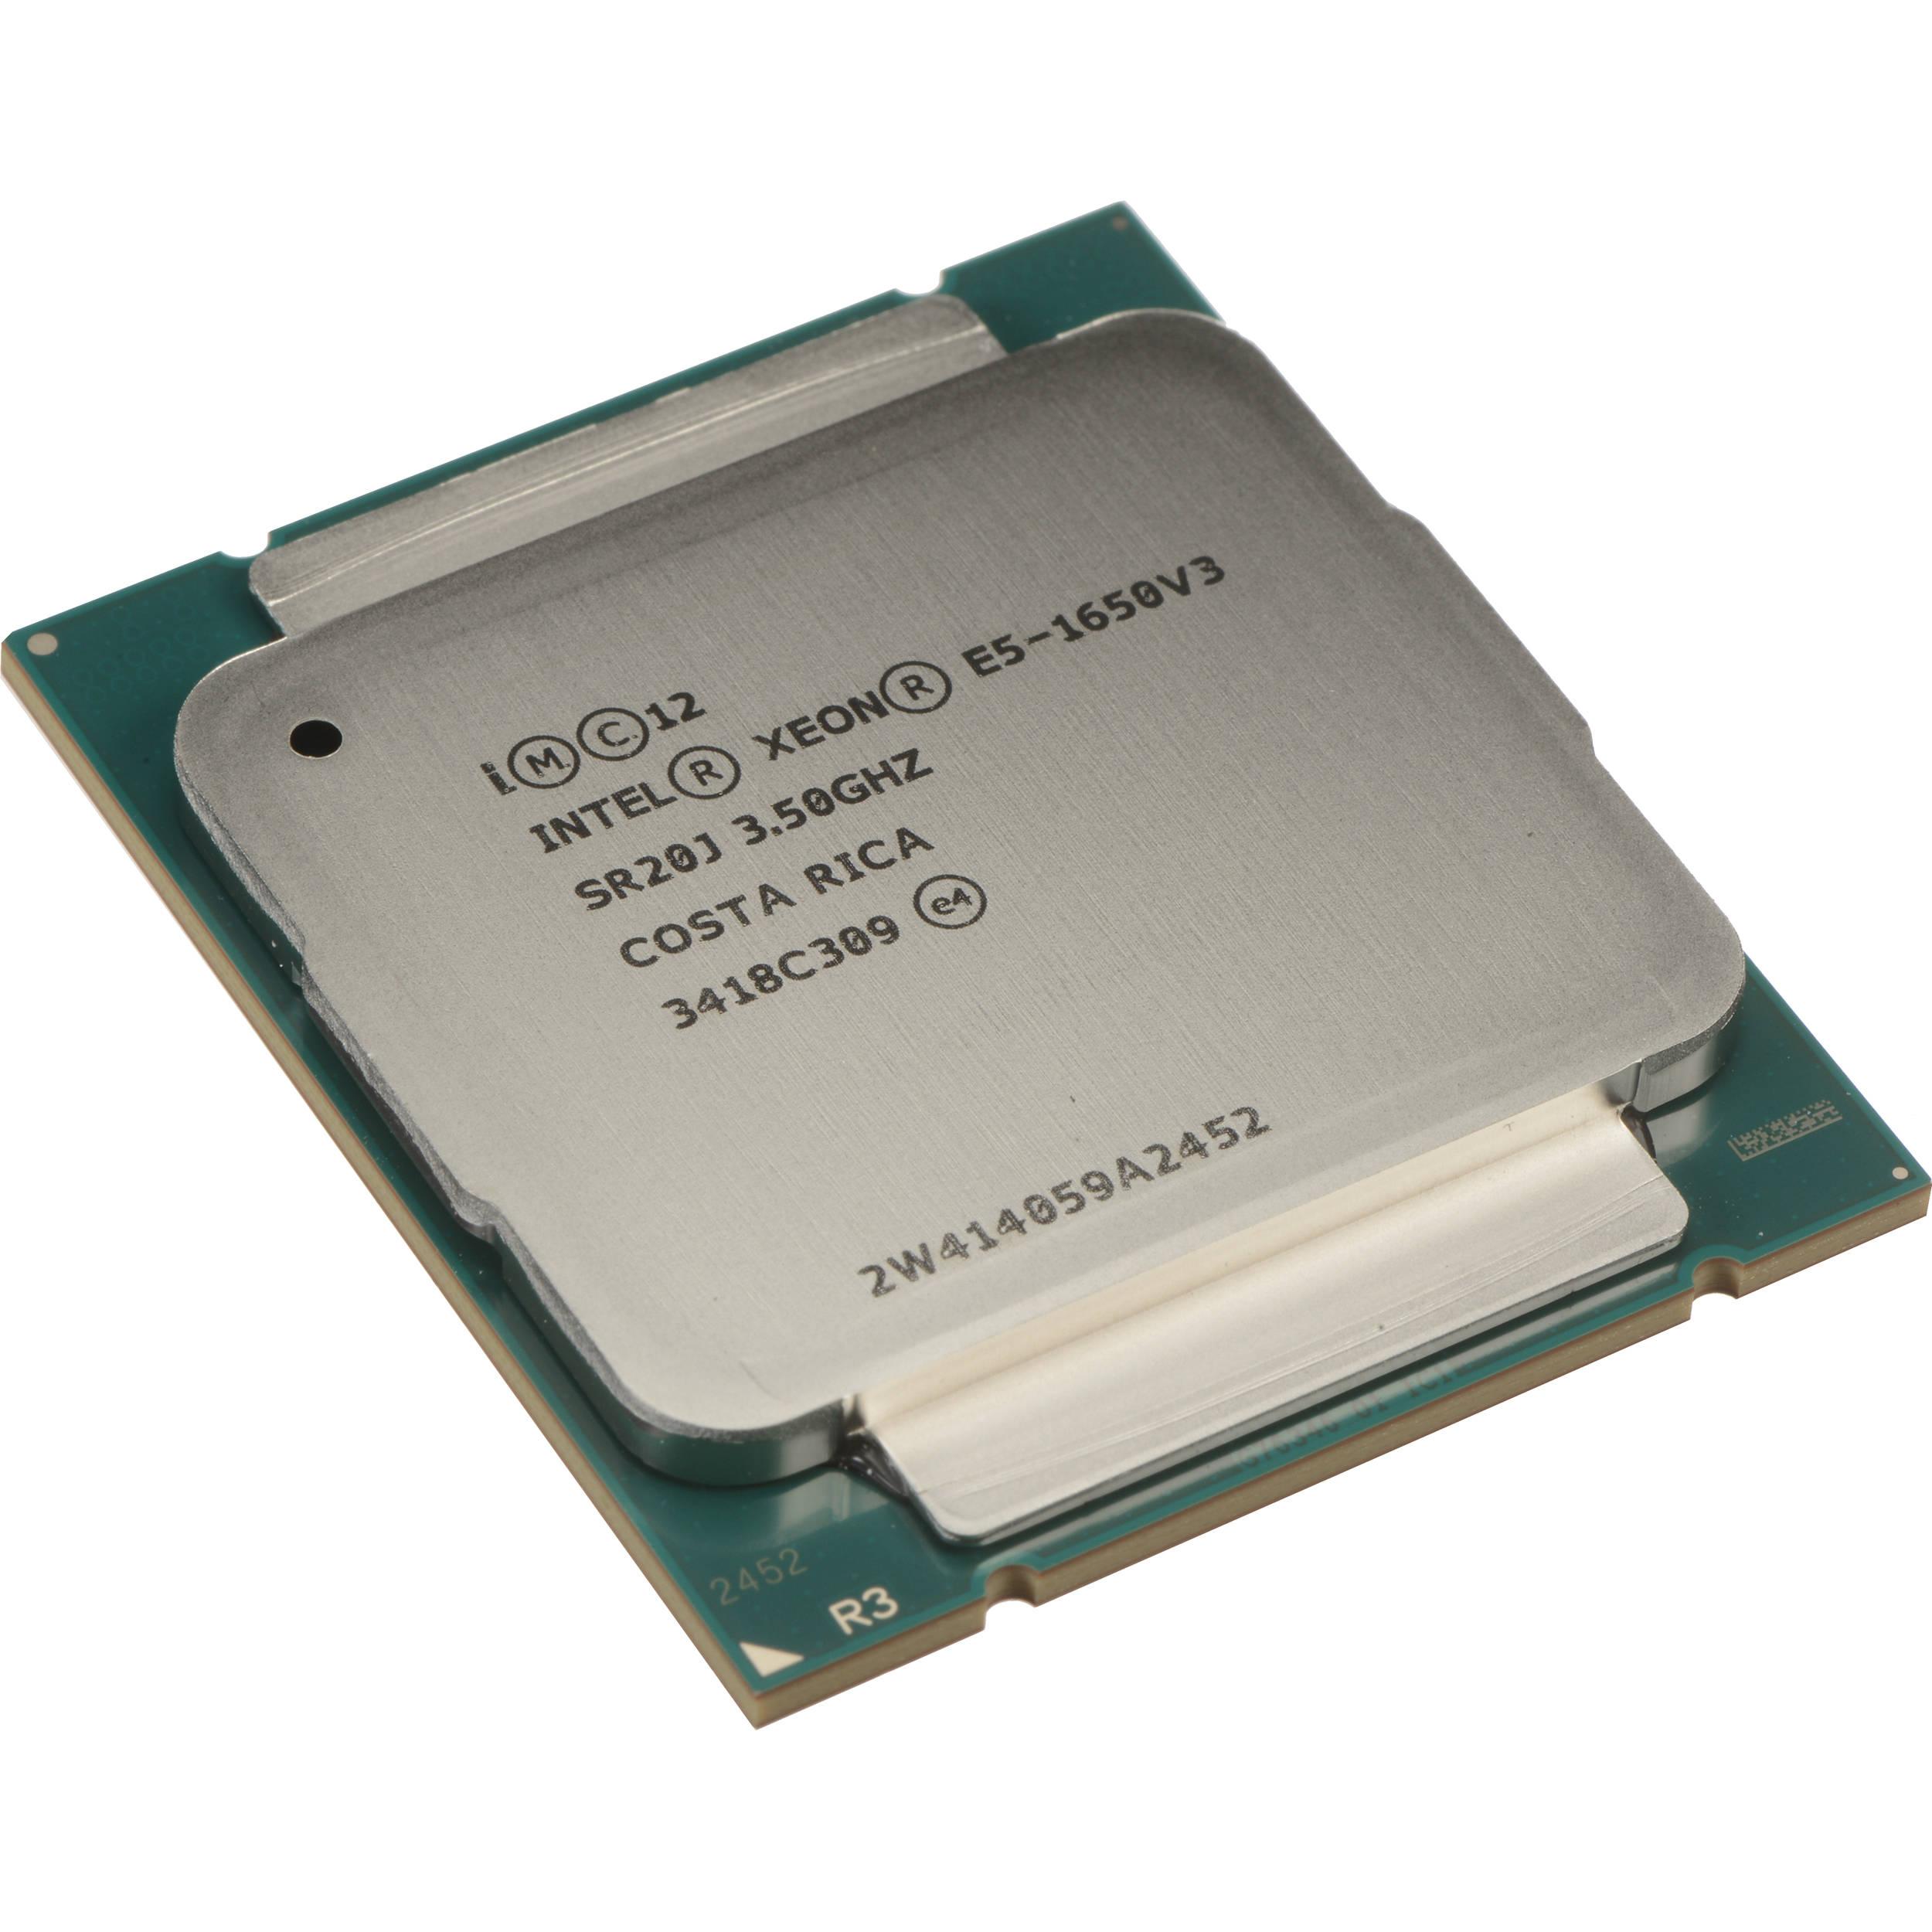 Intel Xeon E5-2650 v3 2 3 GHz Processor